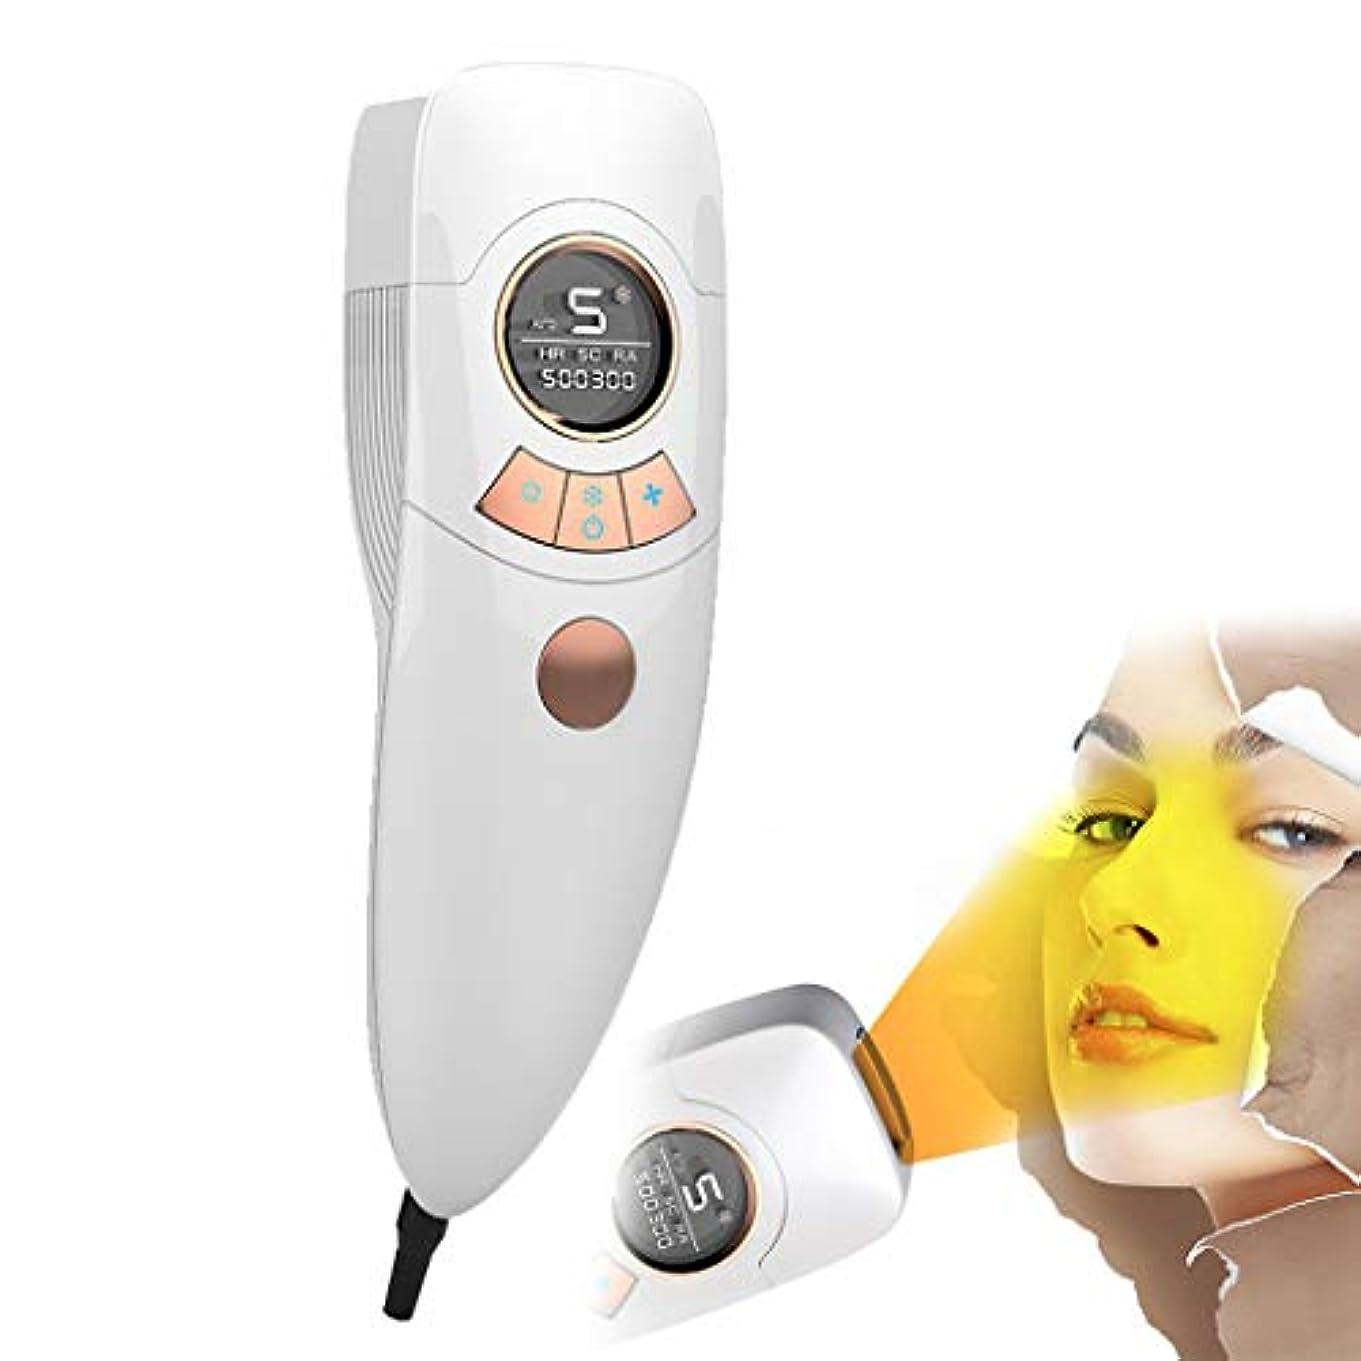 円形の残酷な詐欺師電気脱毛装置は痛みがありません女性4で1充電式電気脱毛器の髪、ビキニエリア鼻脇の下腕の脚の痛みのない永久的な体毛リムーバー-White